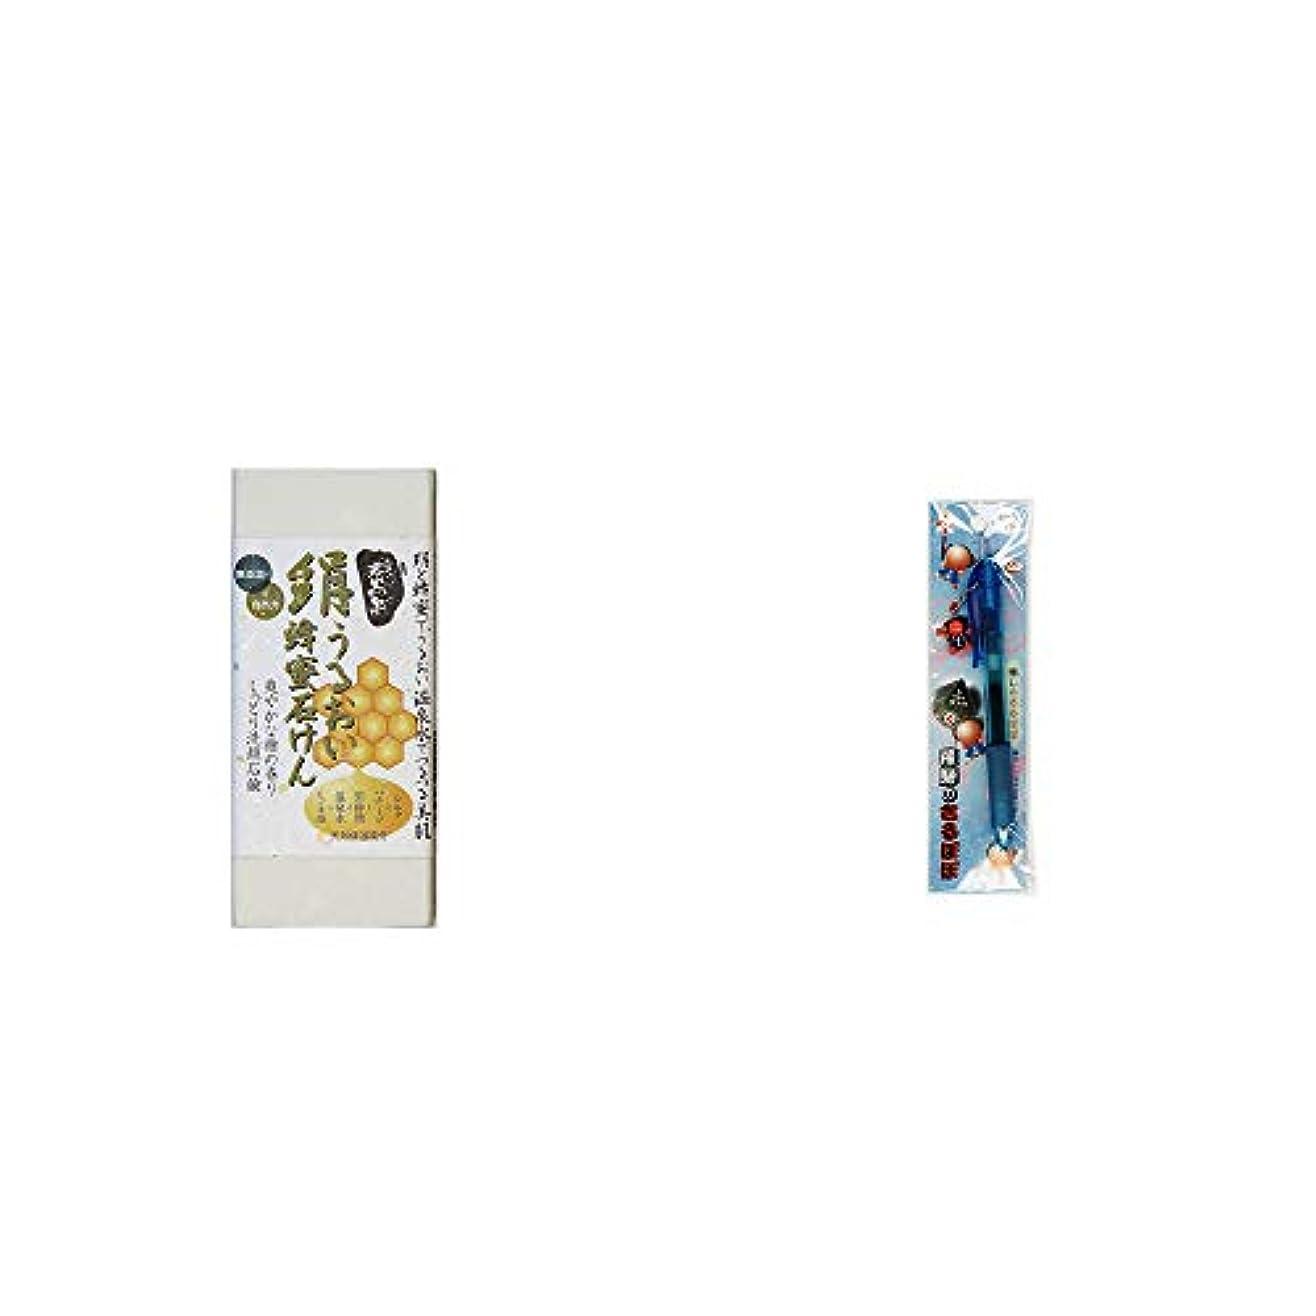 松役に立たない魅力的であることへのアピール[2点セット] ひのき炭黒泉 絹うるおい蜂蜜石けん(75g×2)?さるぼぼ 癒しボールペン 【ブルー】